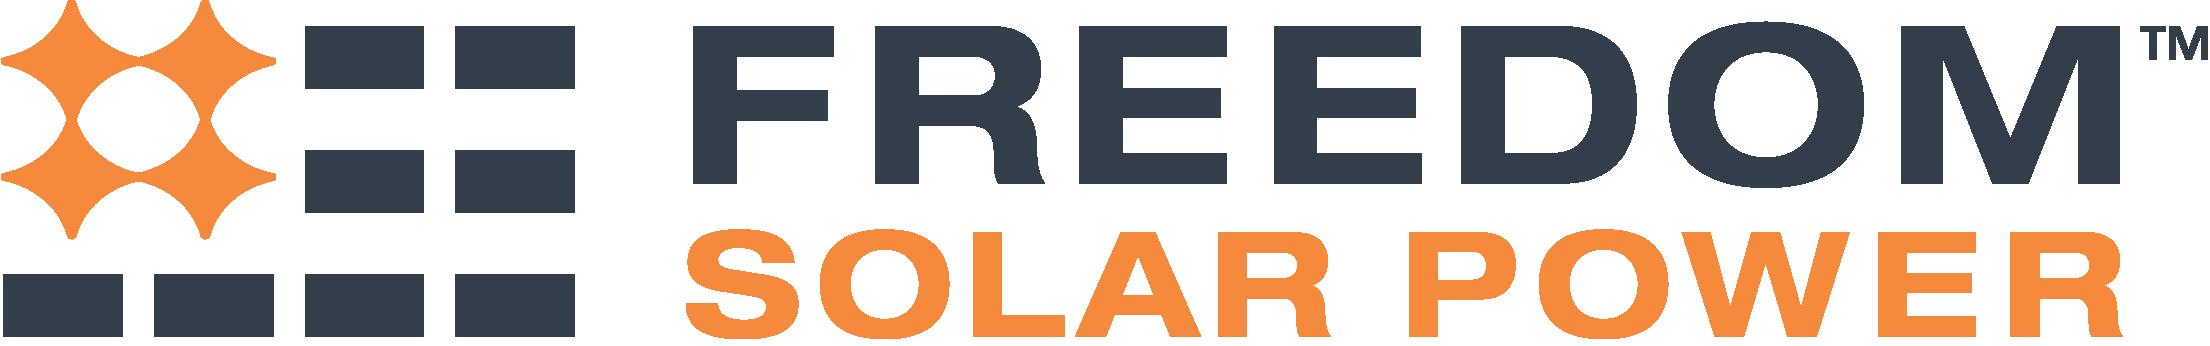 Freedom Solar Power Company Logo